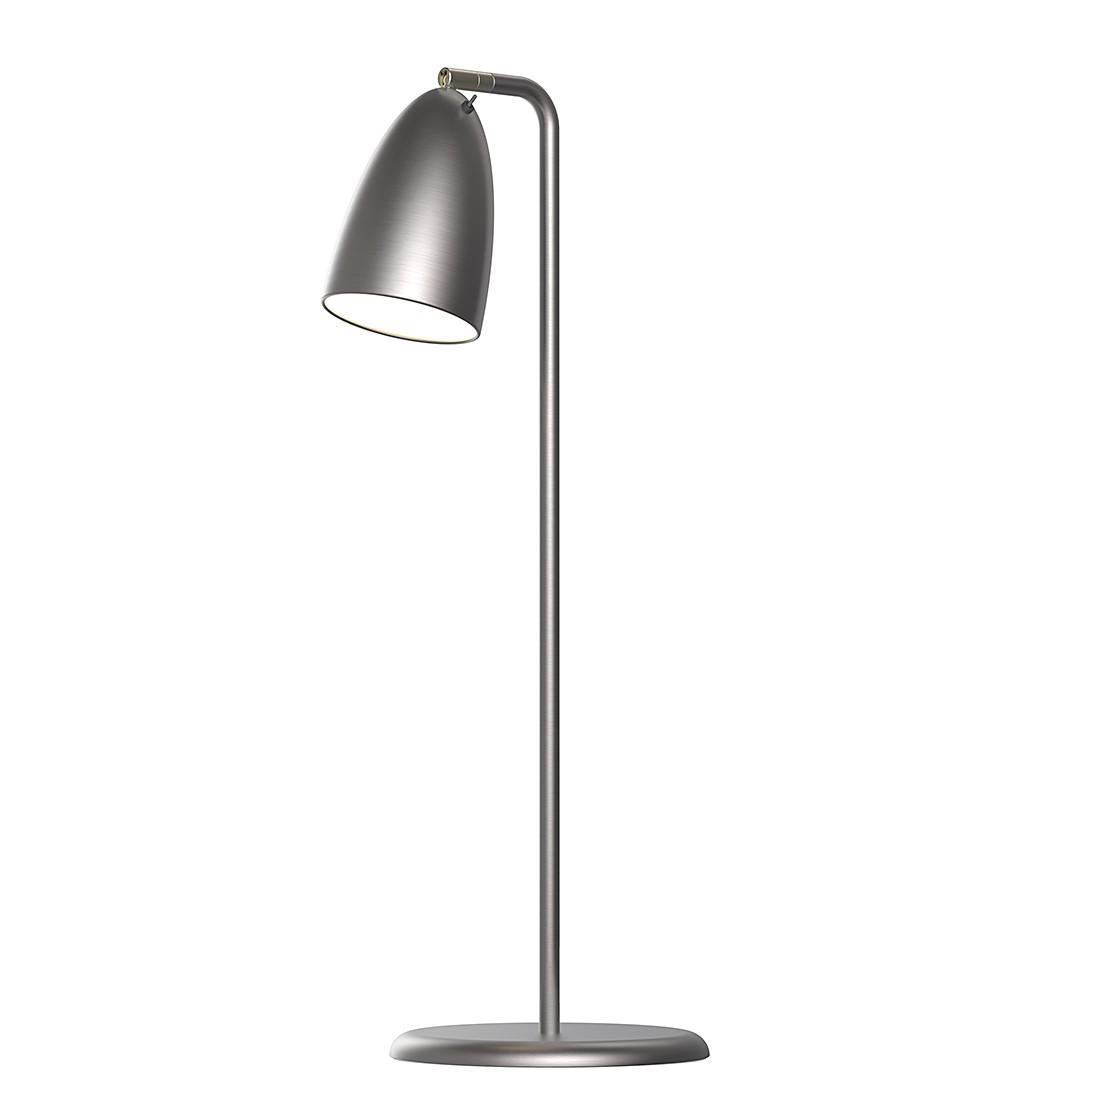 Tischleuchte Nexus 10 ● Metal/Kunststoff ● Stahl ● 1-flammig- Nordlux